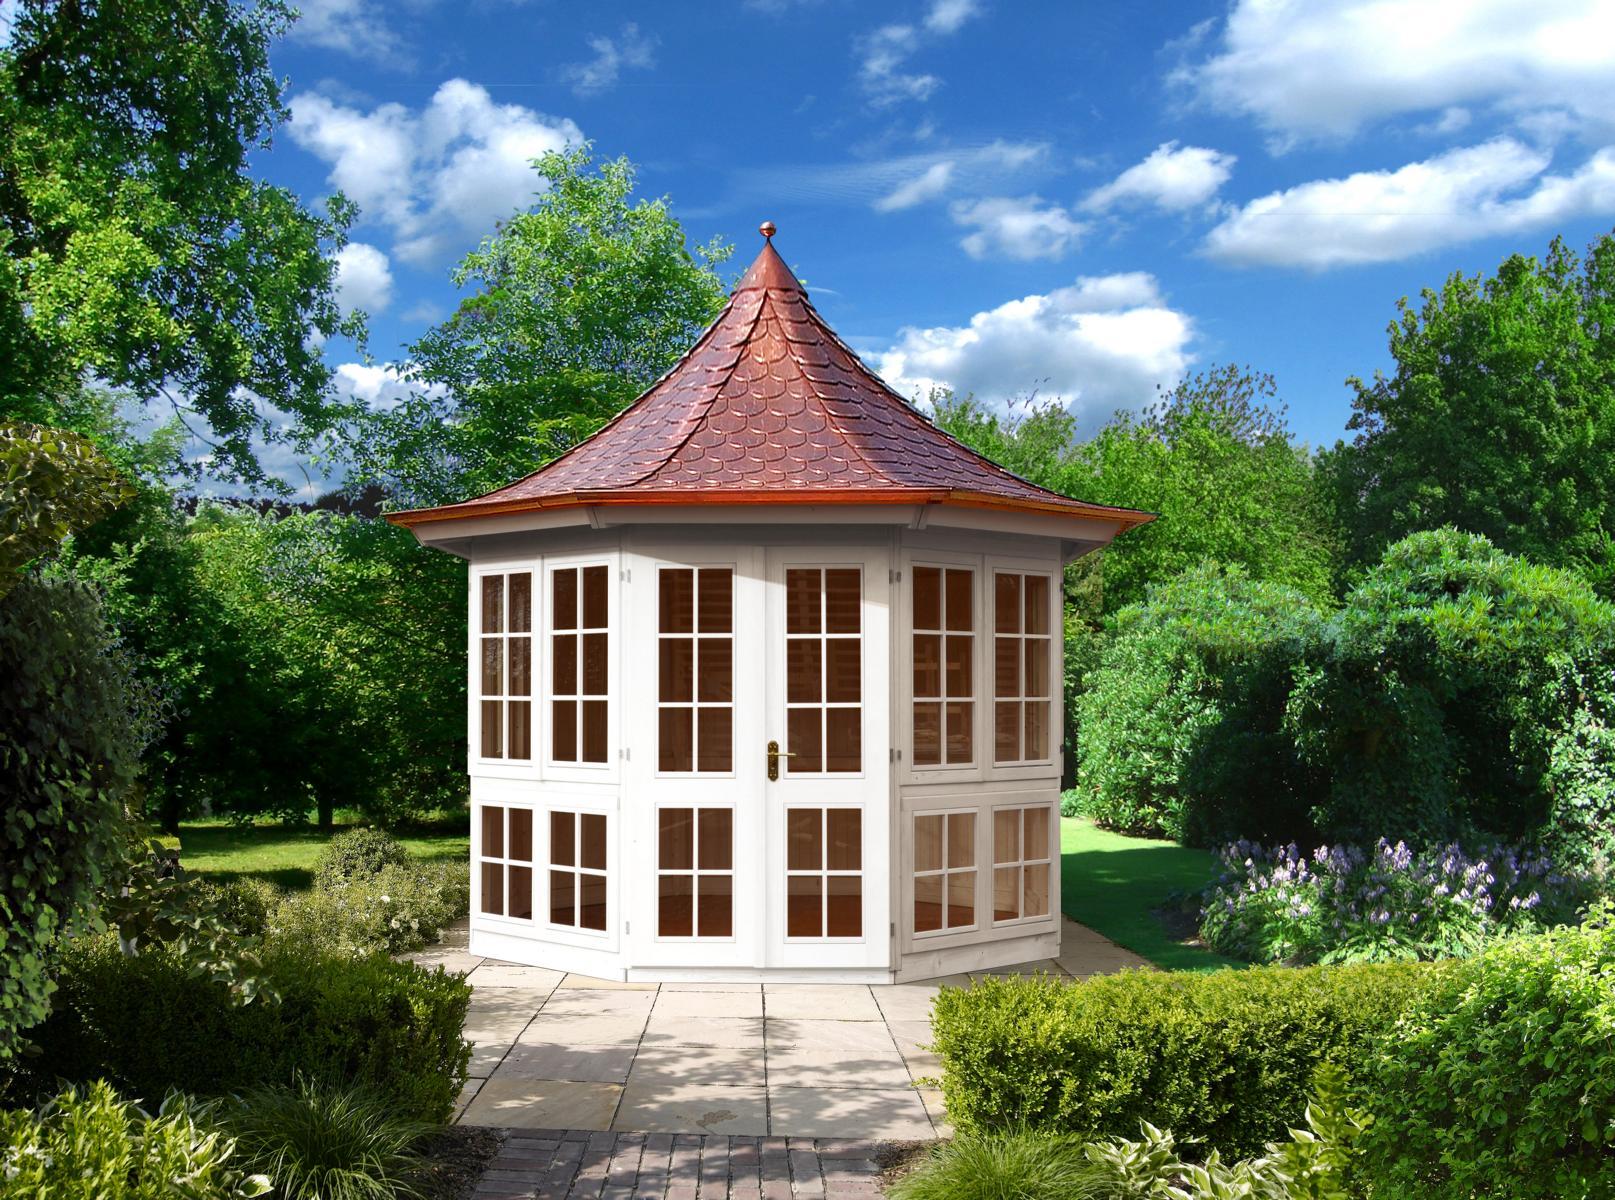 gartenlaube grilllaube und pavillon aus holz geschlossen bellavista 8eck kaufen. Black Bedroom Furniture Sets. Home Design Ideas